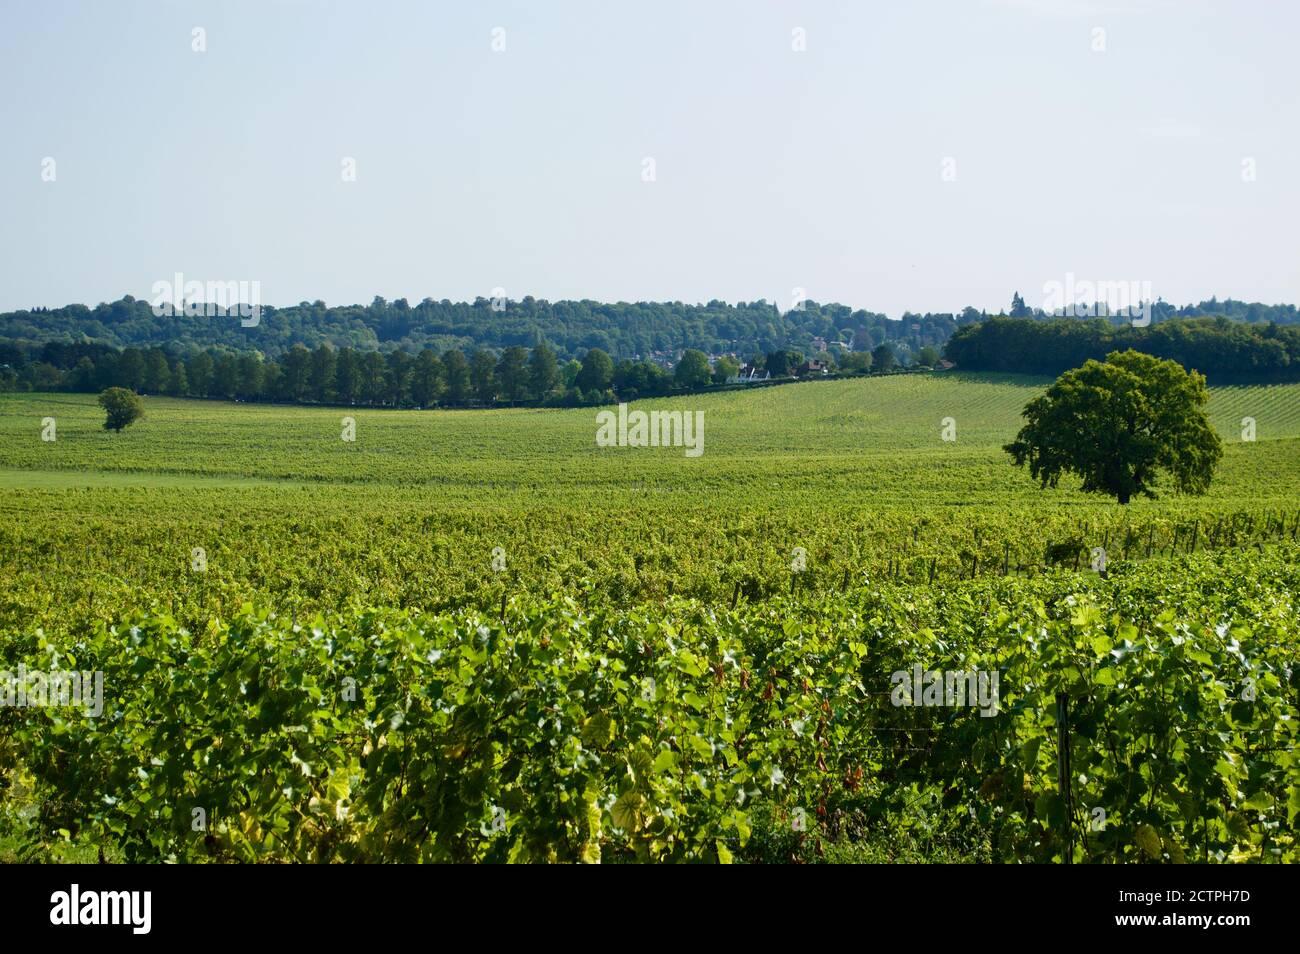 Vignes au domaine Denbies Vineyard à Surrey, Royaume-Uni Banque D'Images